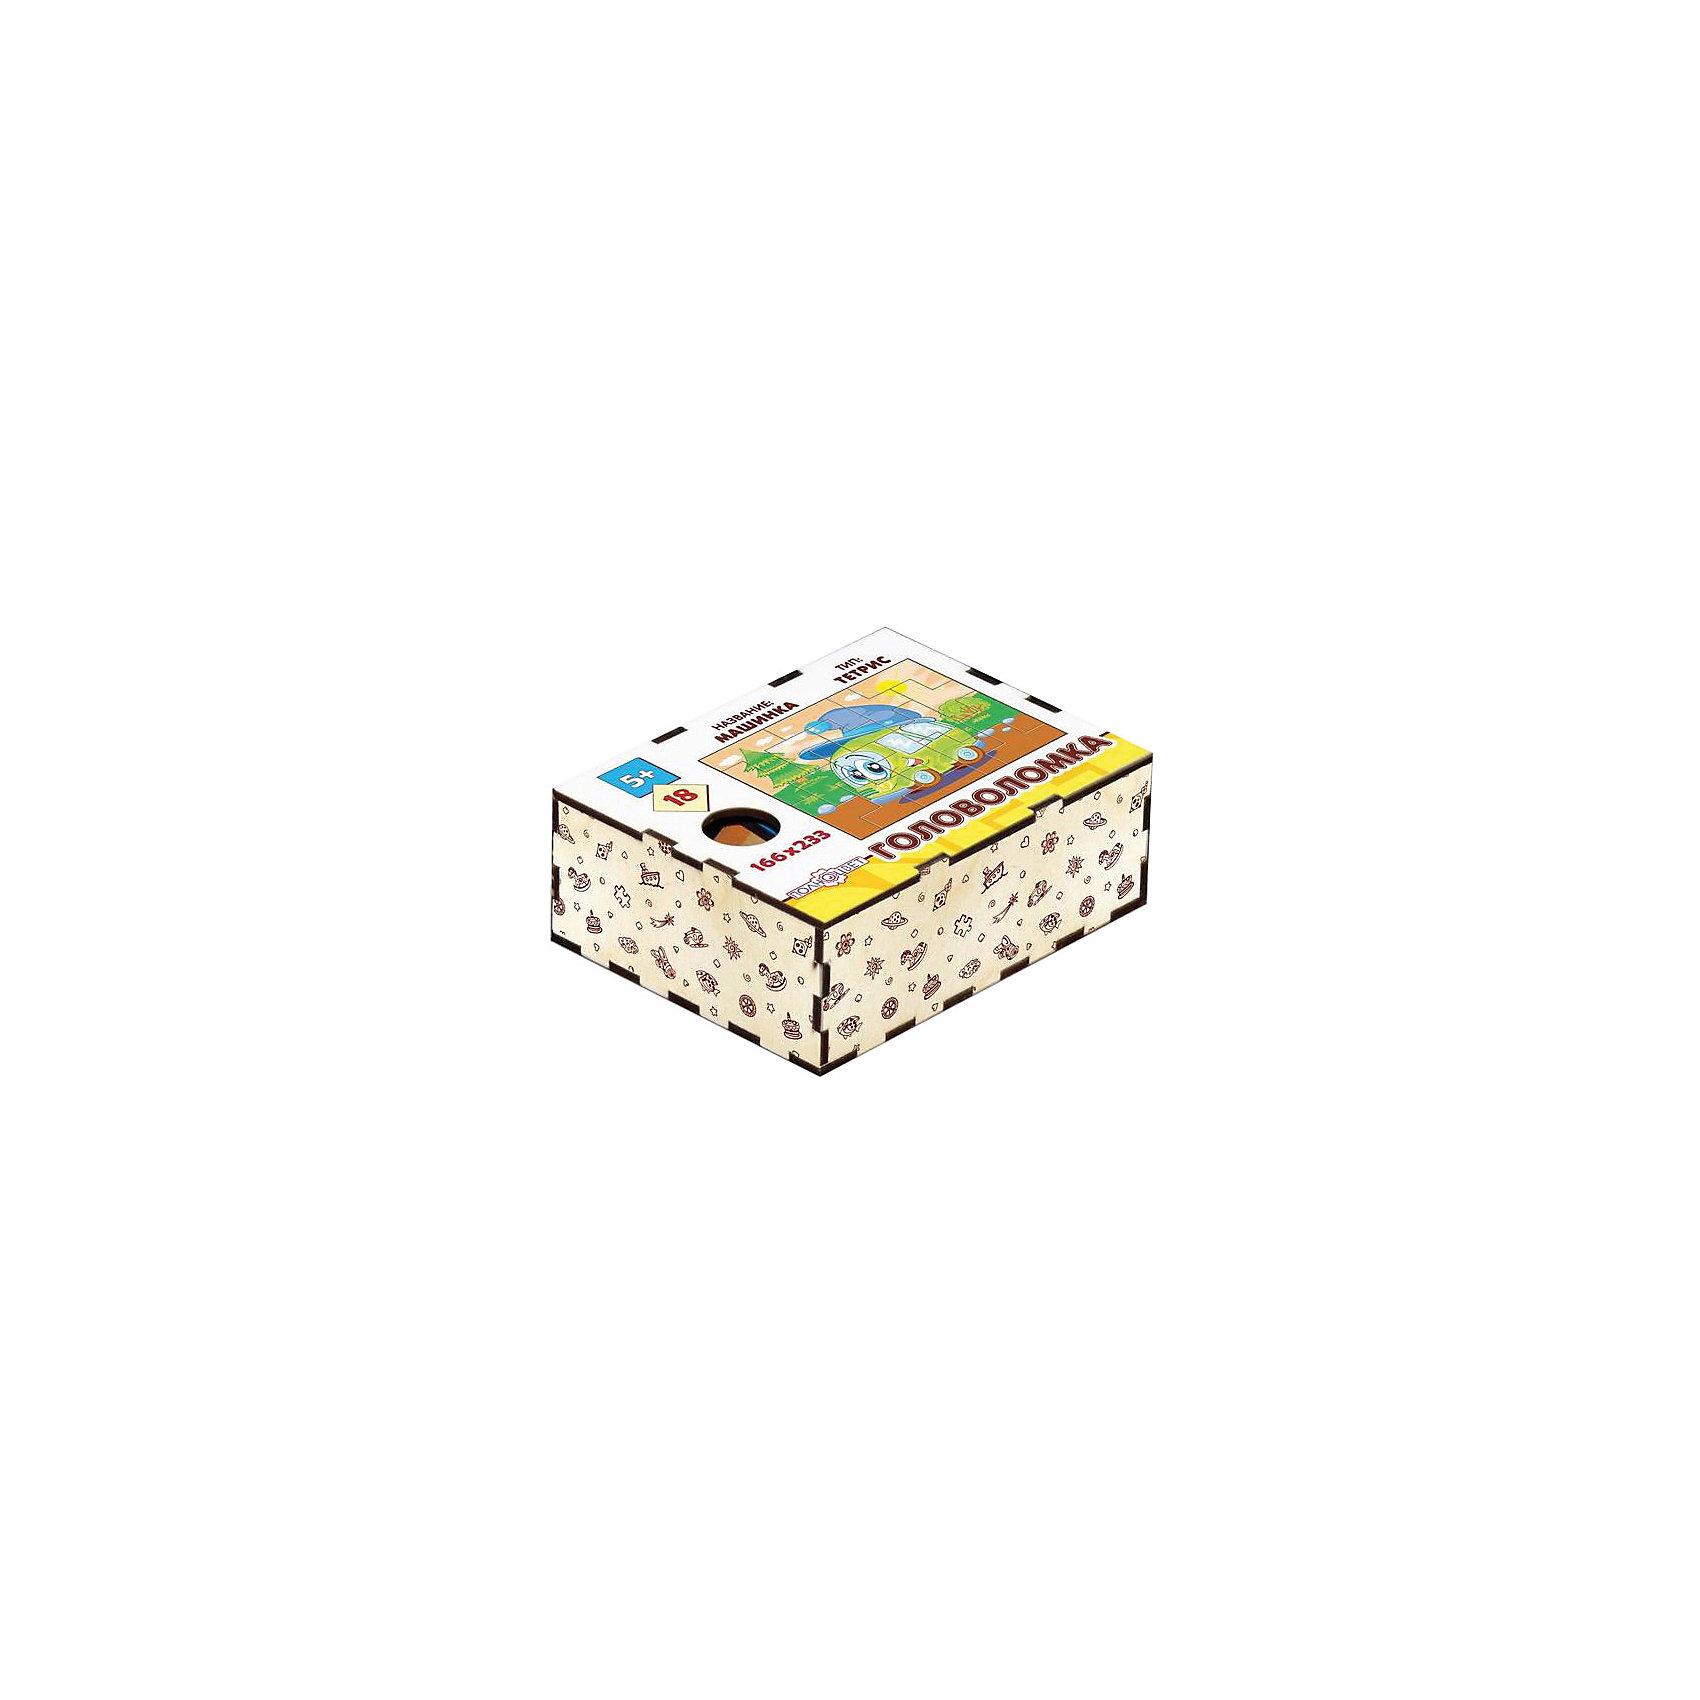 Головоломка Тетрис.Машинка, ПолноцветДеревянные головоломки<br>Деревянные головоломки с высококачественной печатью. Высокий срок службы и устойчивость к нагрузкам.  Рекомендовано для детских садов и центров, а также для домашнего использования.<br>1.    Головоломки сделаны из натурального дерева.<br>2.    Точная лазерная резка.<br>3.    Высококачественная печать.<br>4.    Прочность и долговечность.<br>5.    Экологичность и безопасность.<br>6.    Рекомендовано для детского развития. Размер: 166х233х3мм<br><br>Ширина мм: 30<br>Глубина мм: 230<br>Высота мм: 170<br>Вес г: 150<br>Возраст от месяцев: 36<br>Возраст до месяцев: 2147483647<br>Пол: Унисекс<br>Возраст: Детский<br>SKU: 7025962